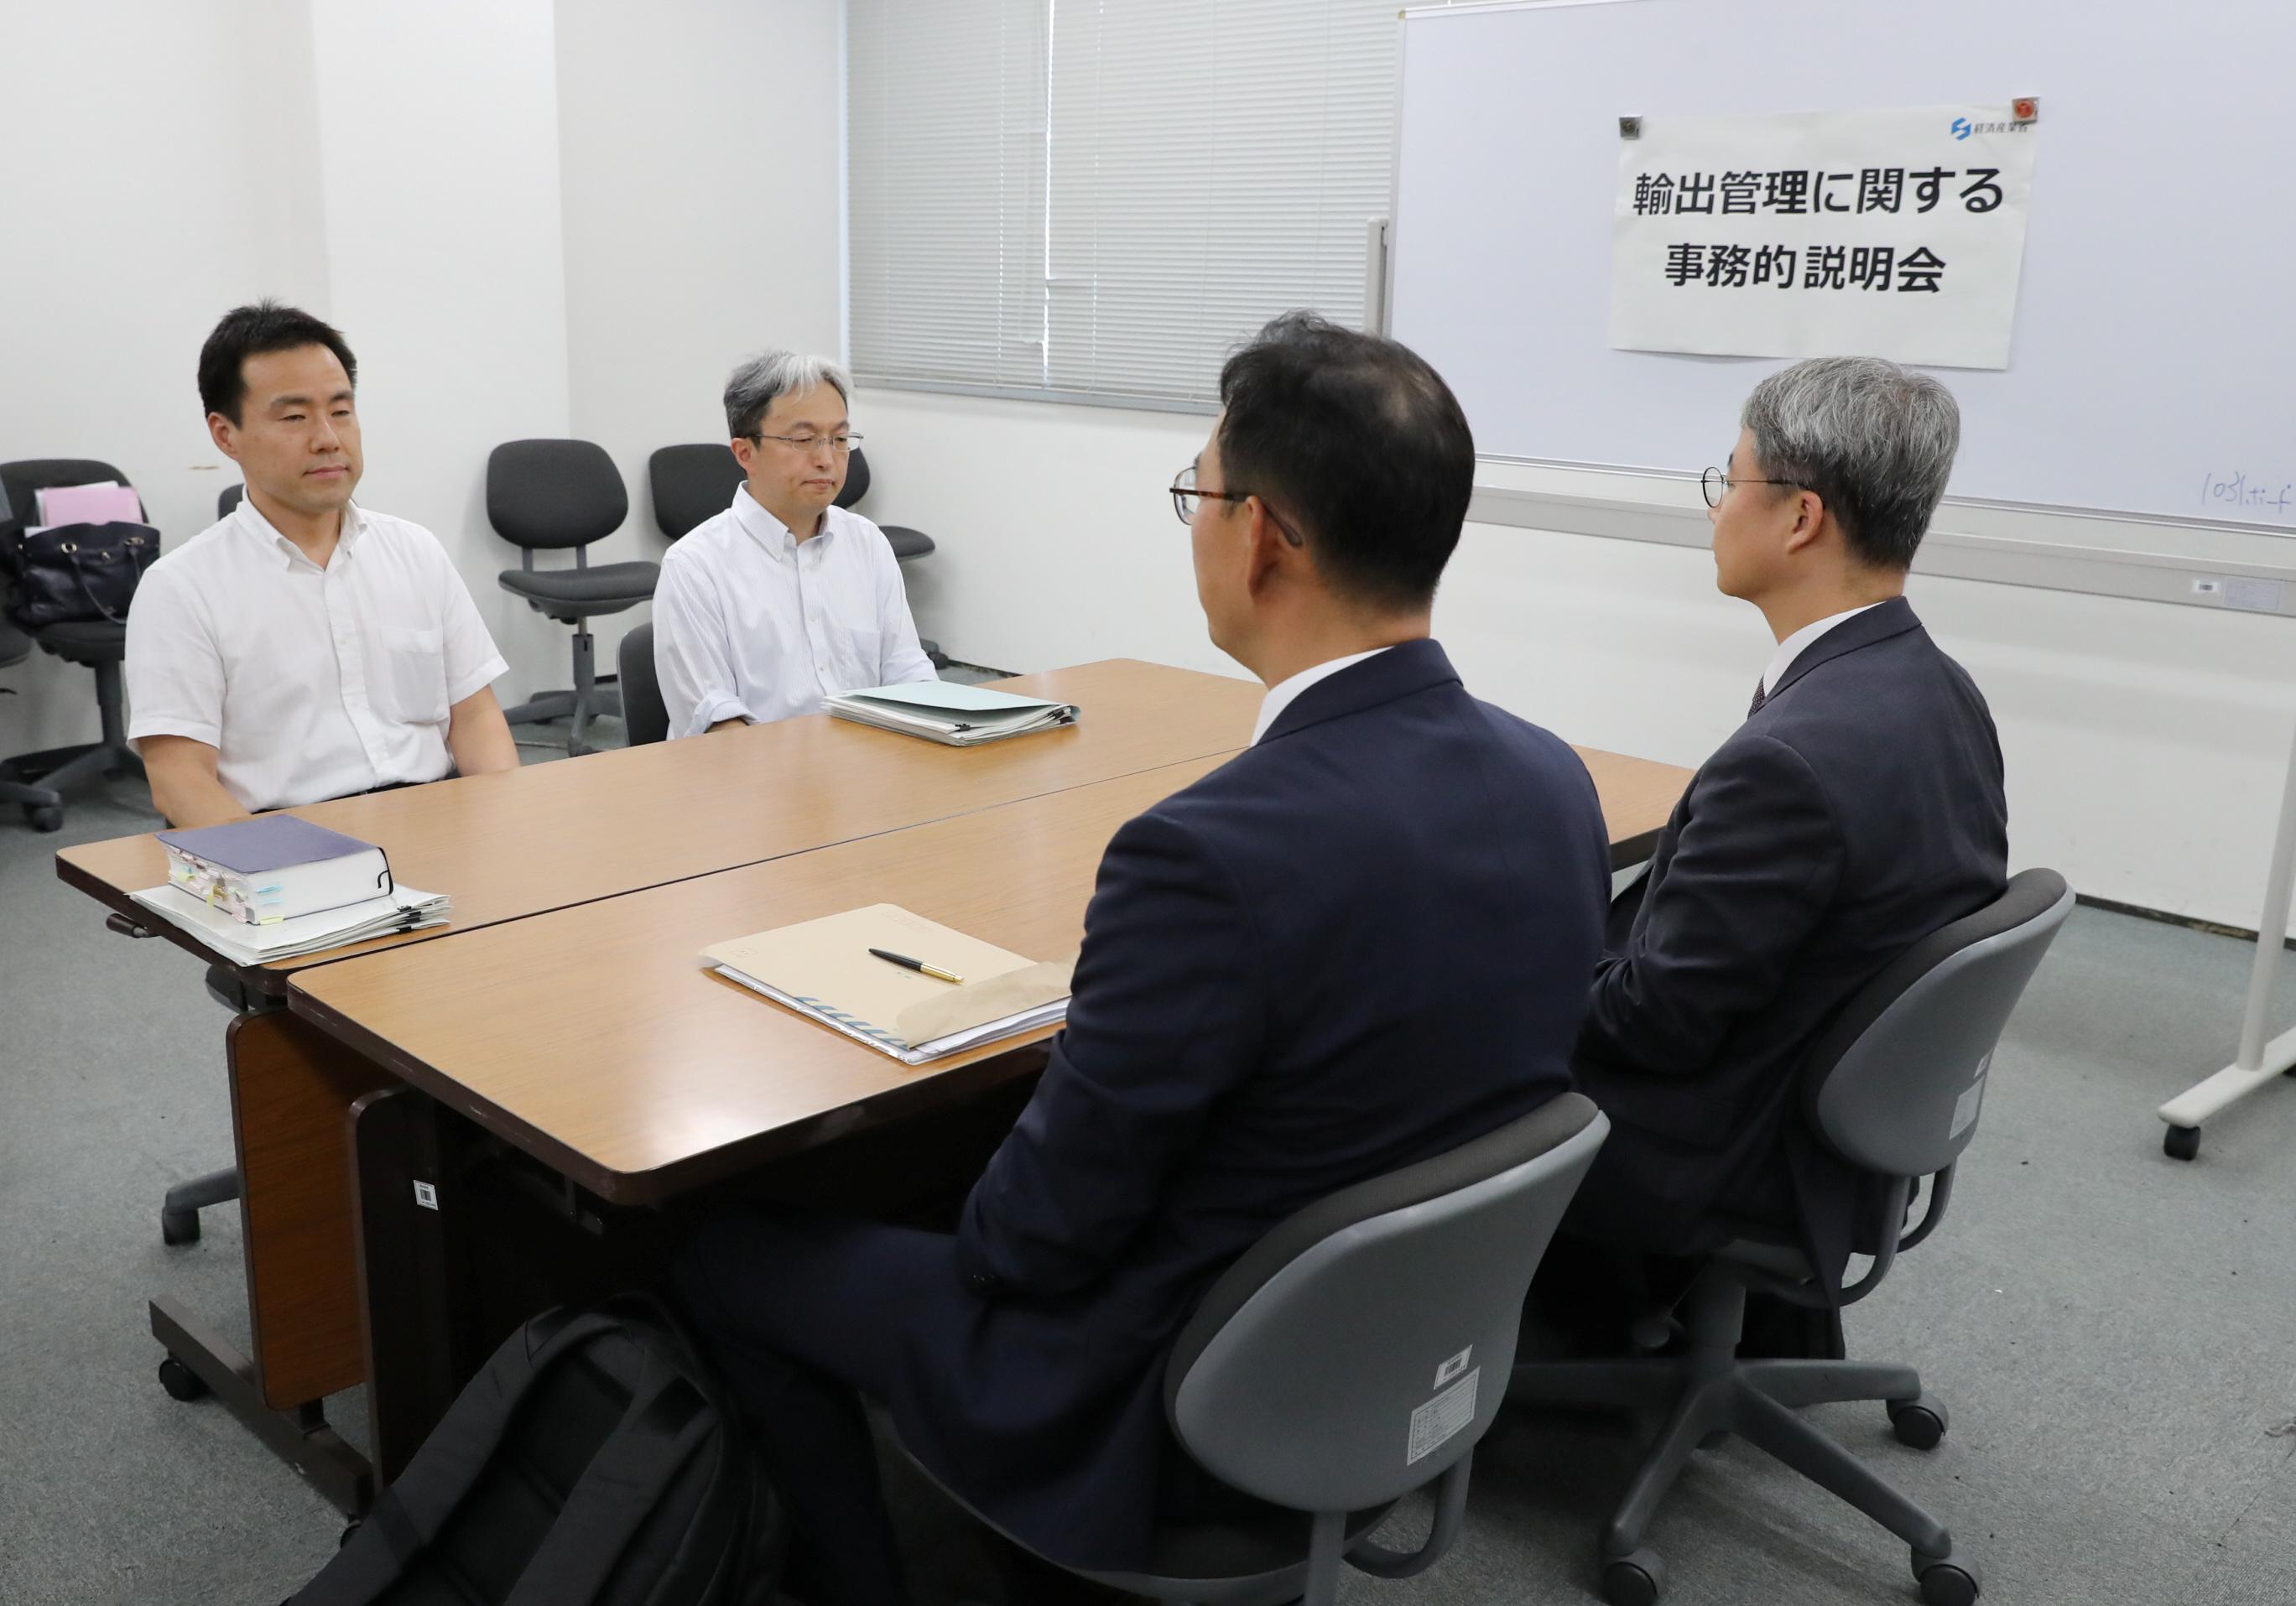 La Corée du Sud demande une enquête alors que la querelle de travail forcé avec le Japon s'intensifie